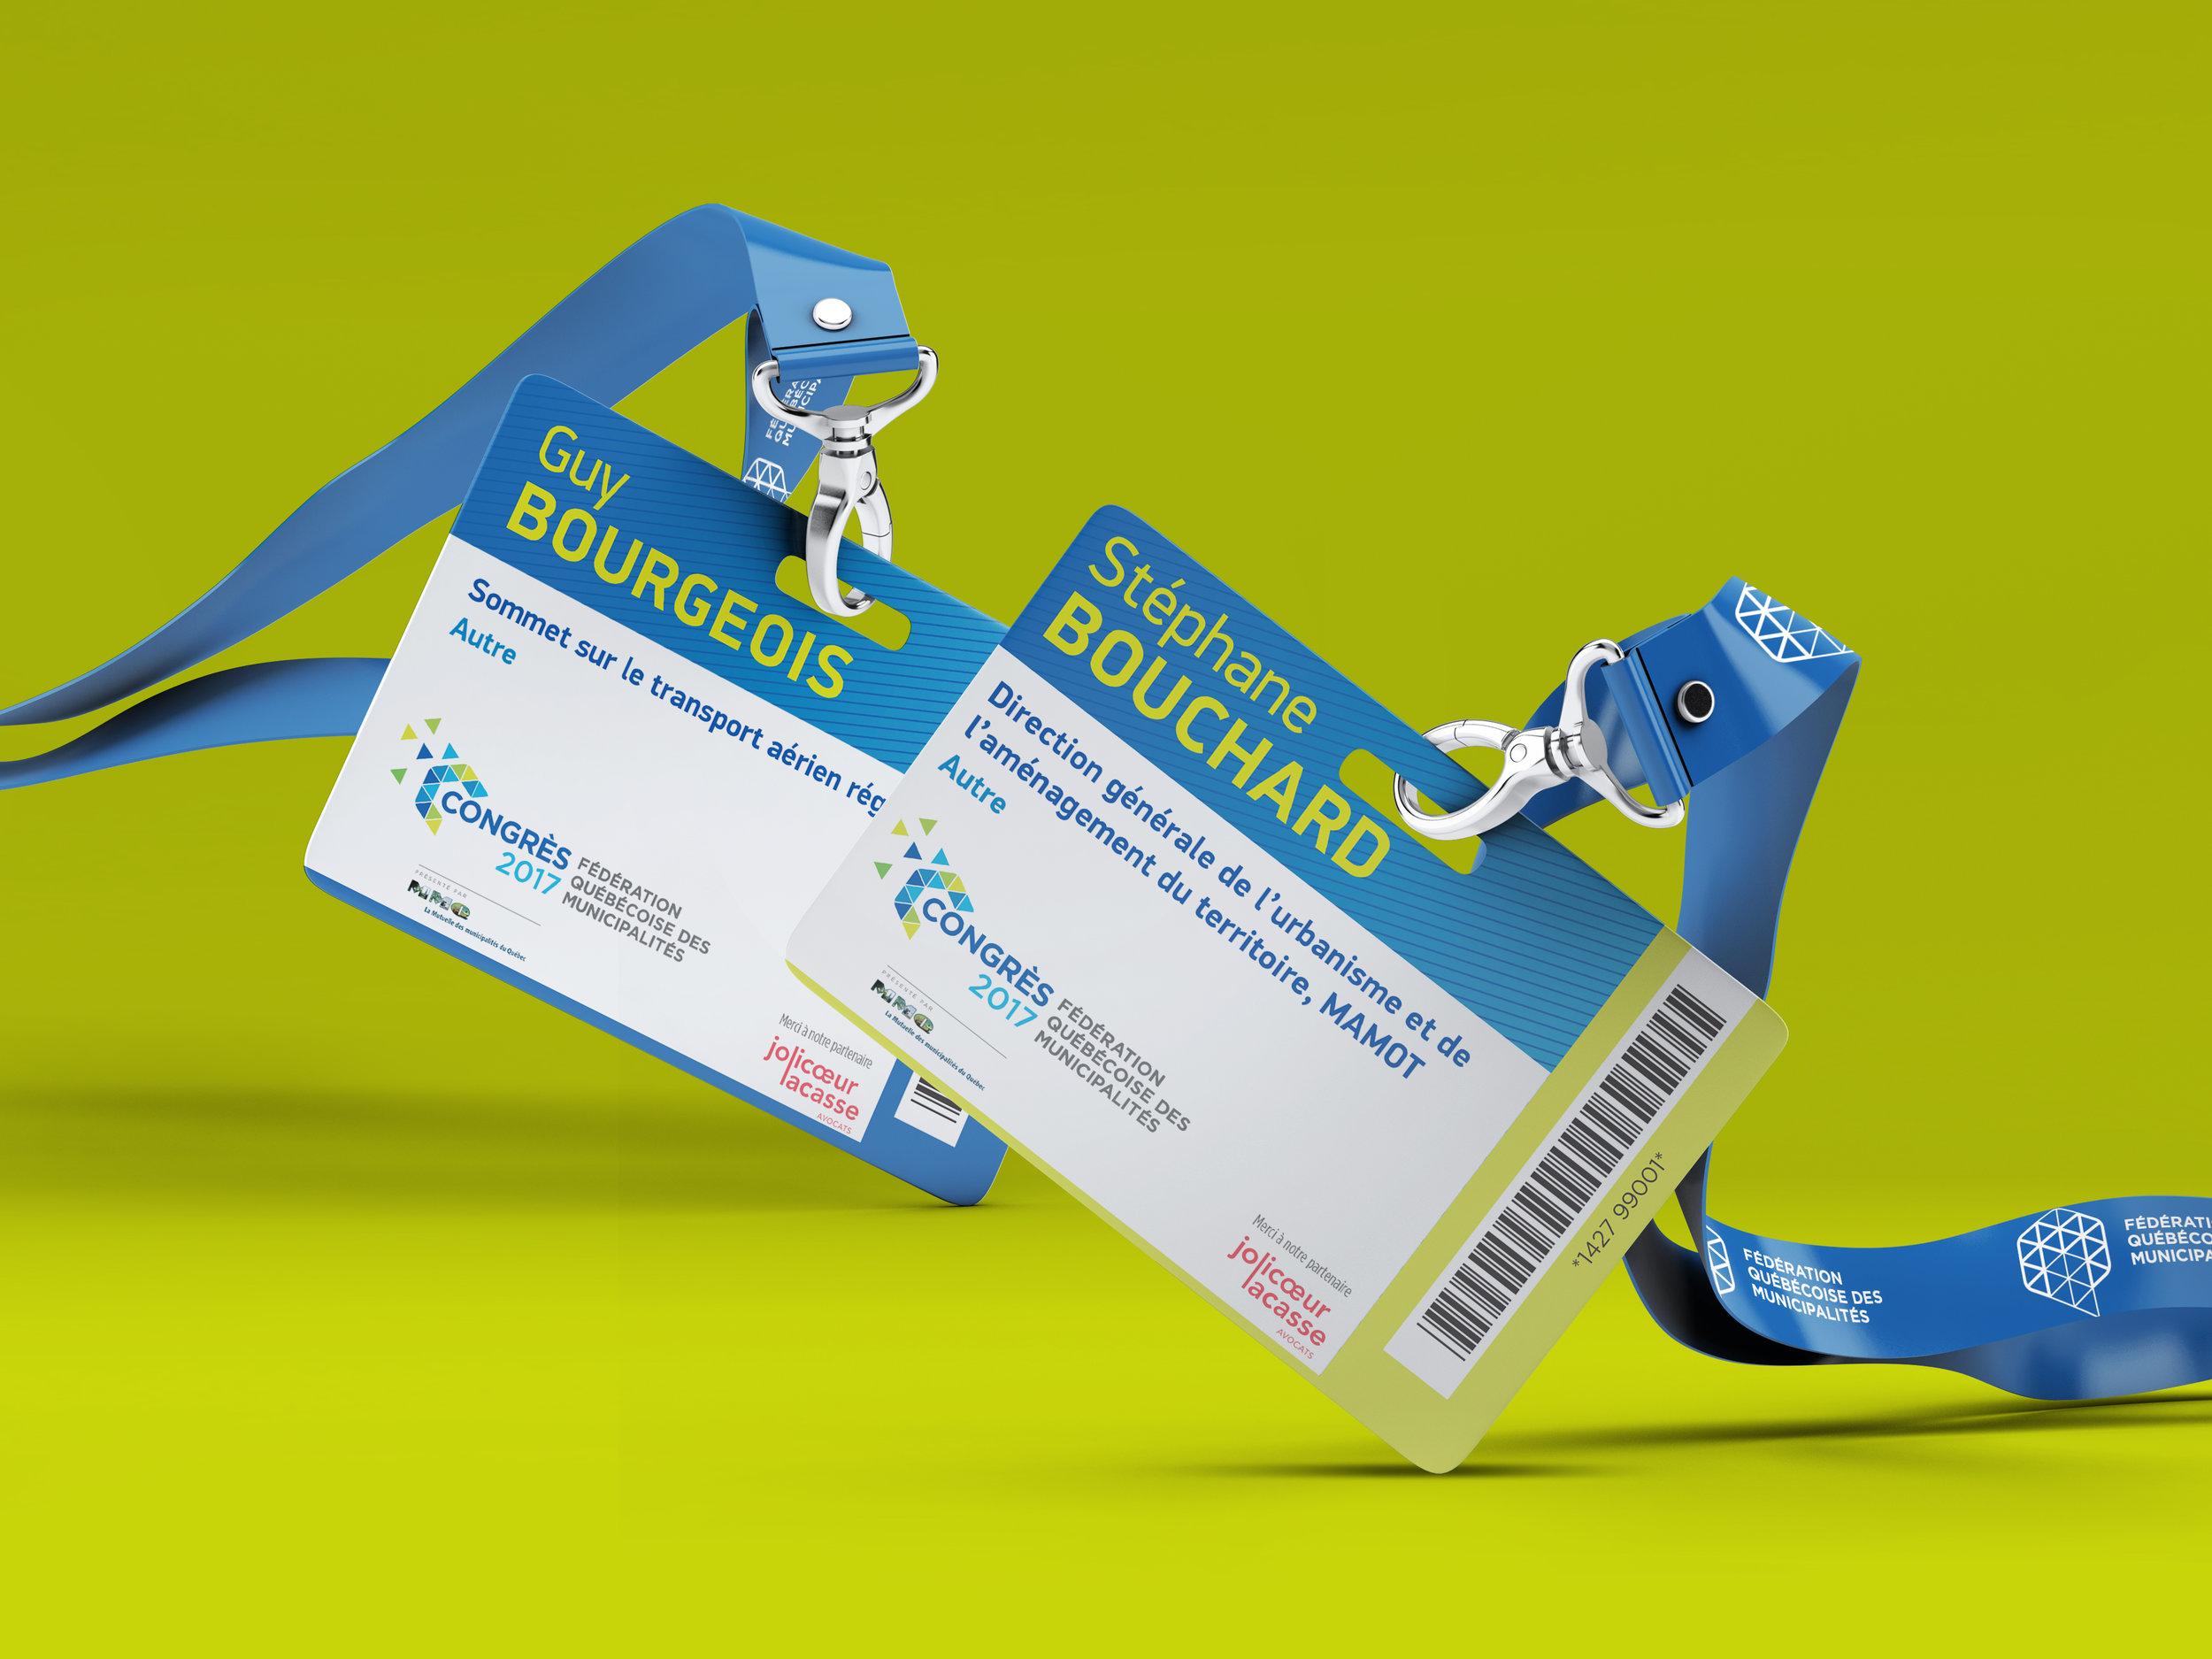 Cocardes personnalisées Fédération Québécoise des Municipalités